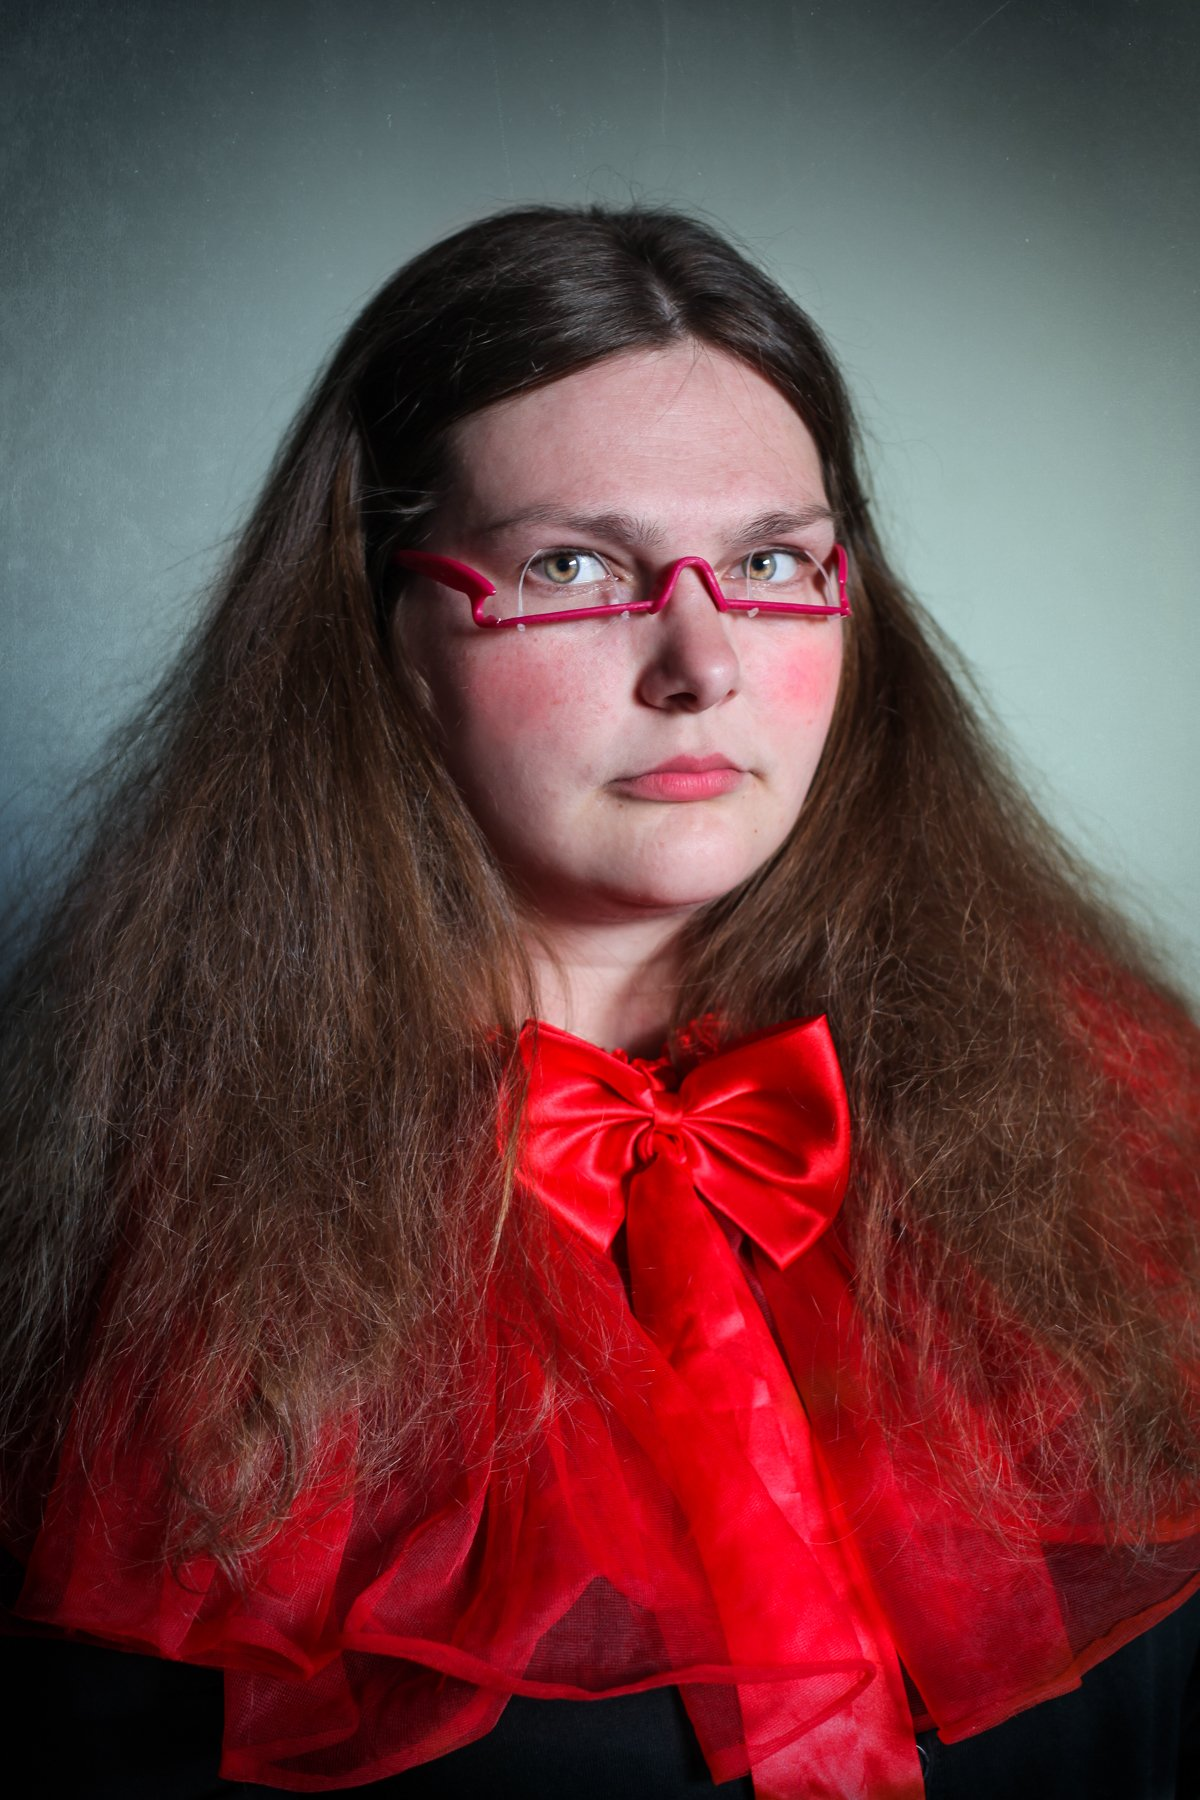 """14 fotos perturbadoras mostram as coisas bizarras que uma mulher usa para ficar """"linda"""" 10"""